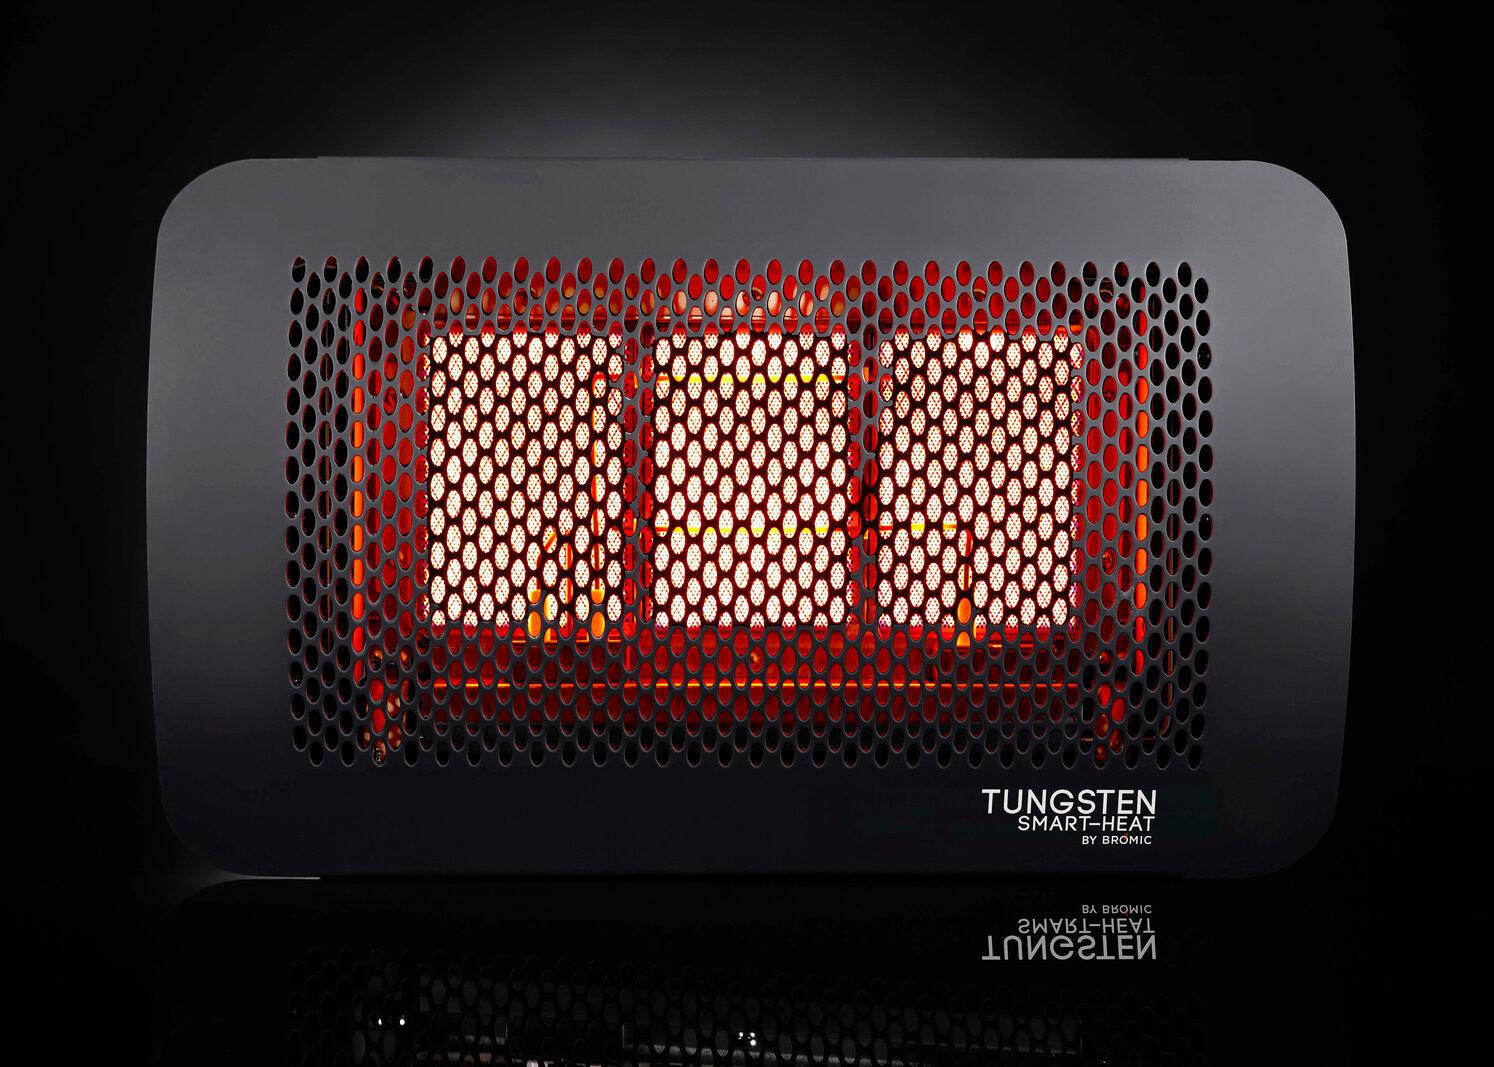 Bromic Tungsten Heater